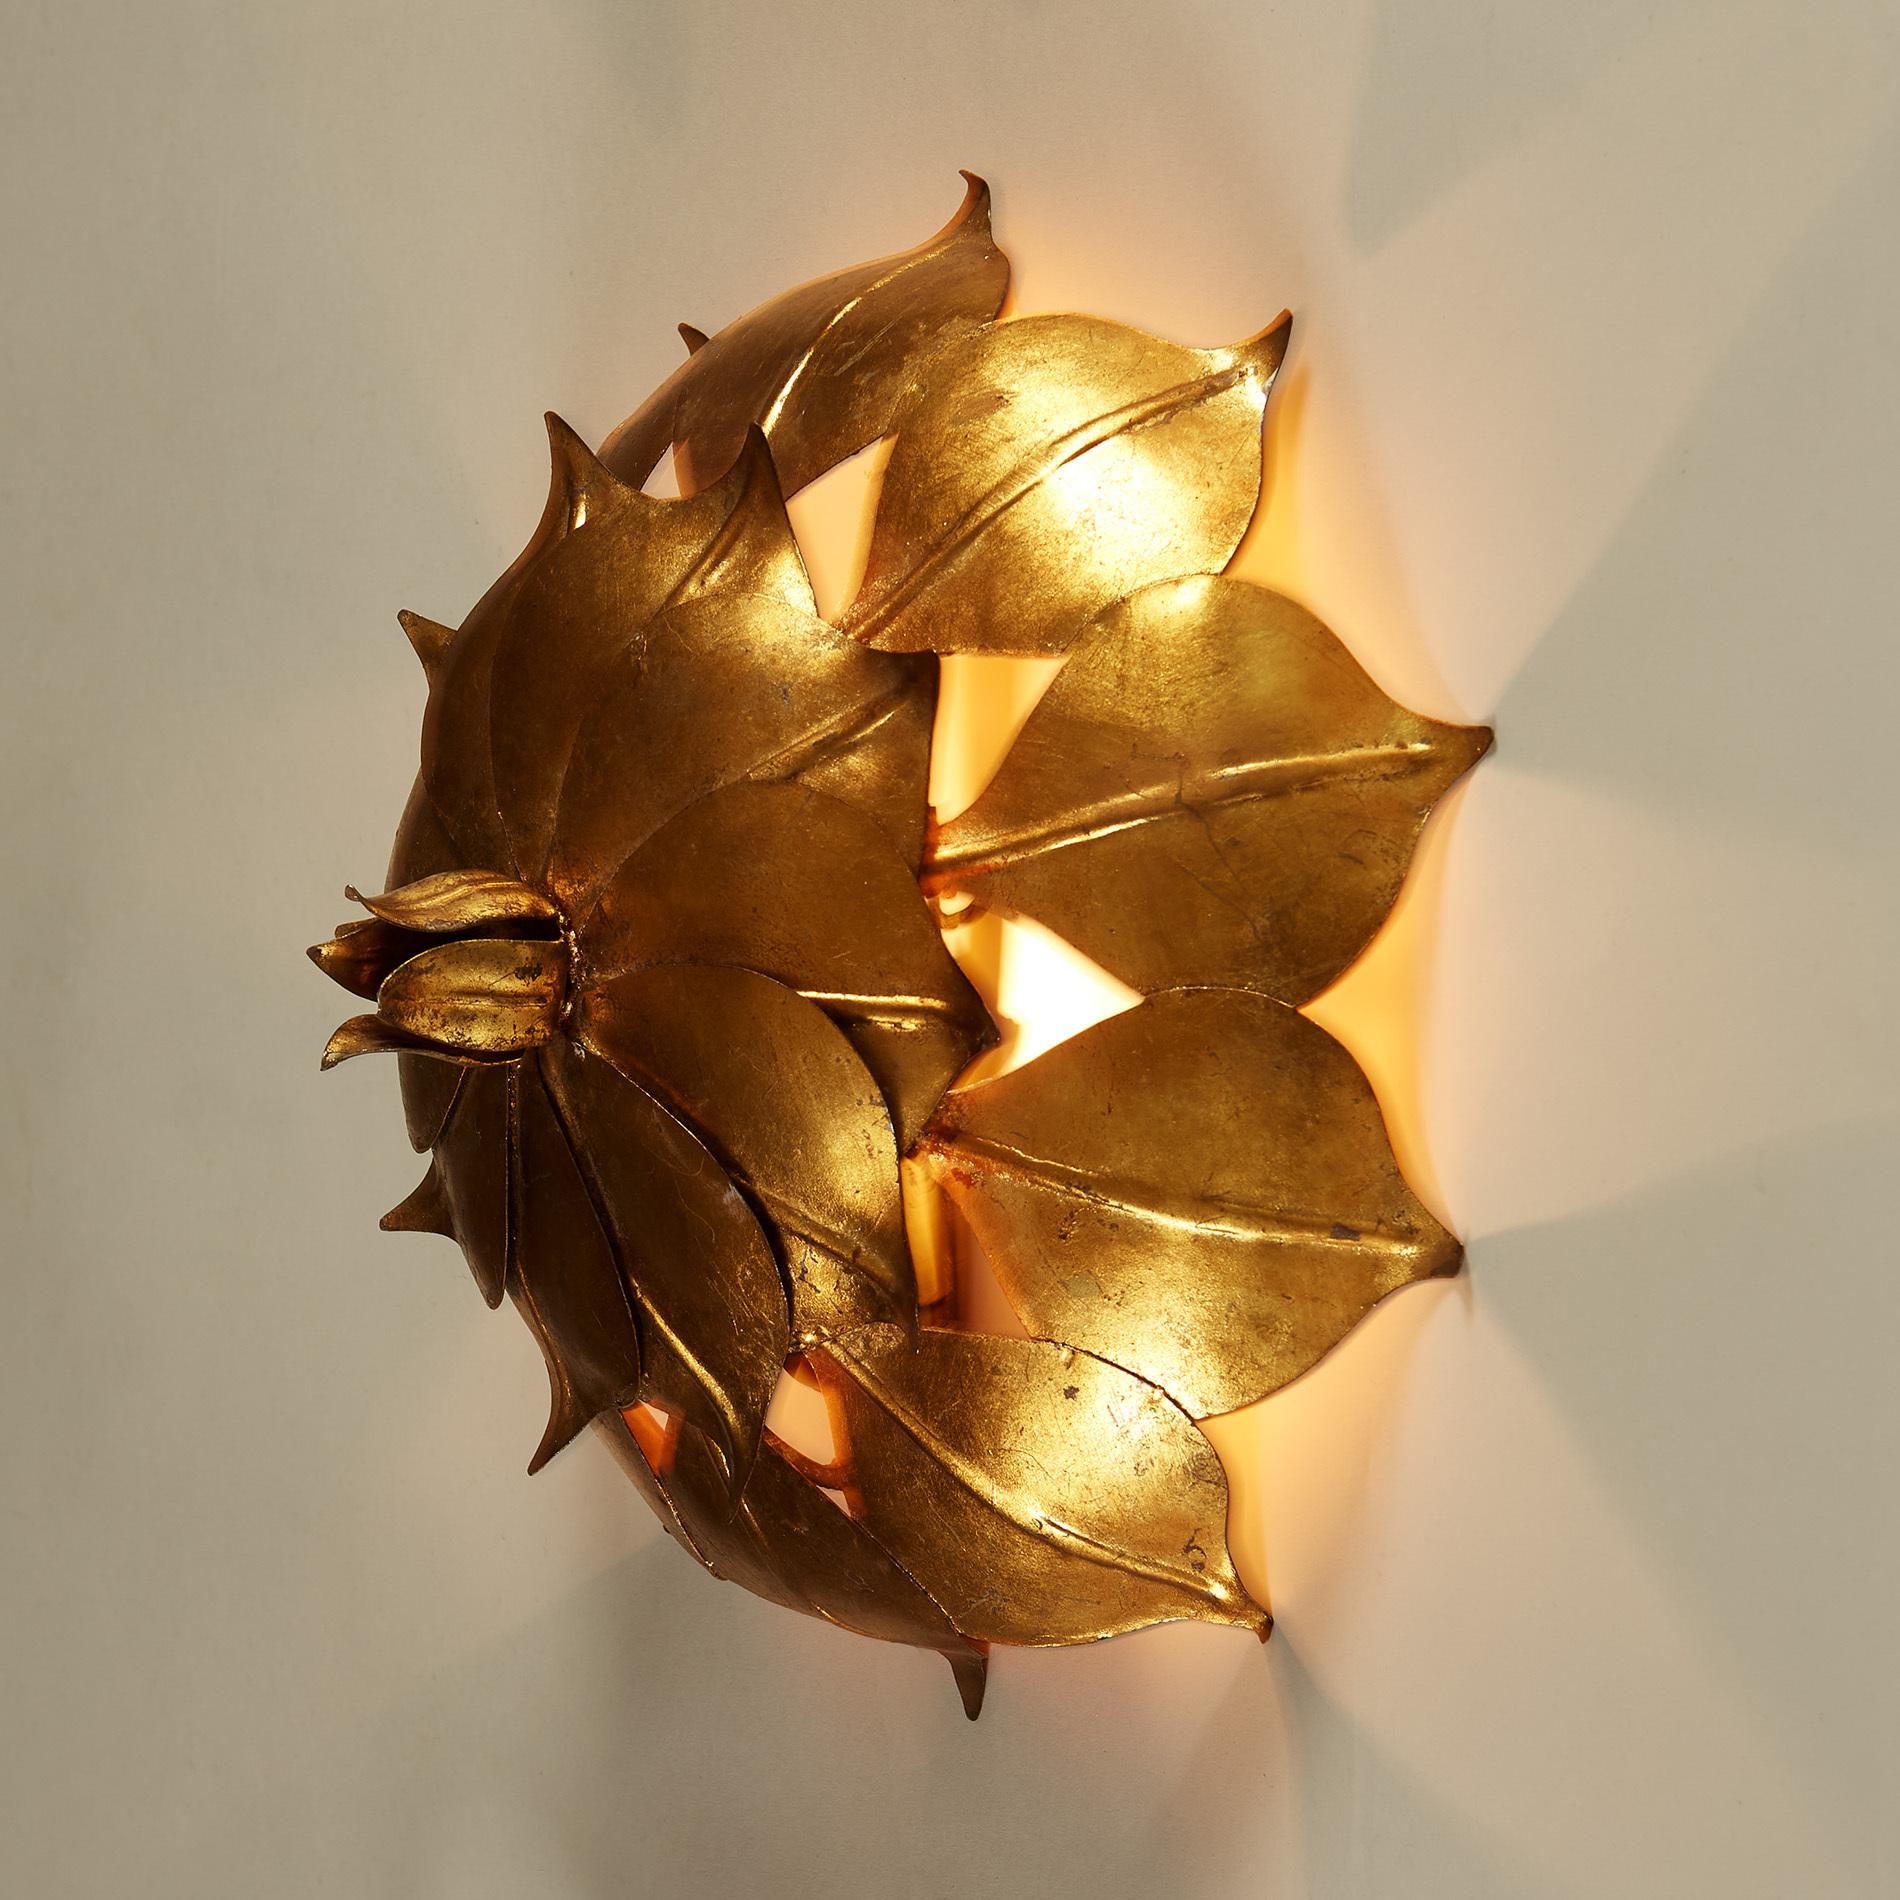 Gold Leaf Wall Light 20210427 0100 V1